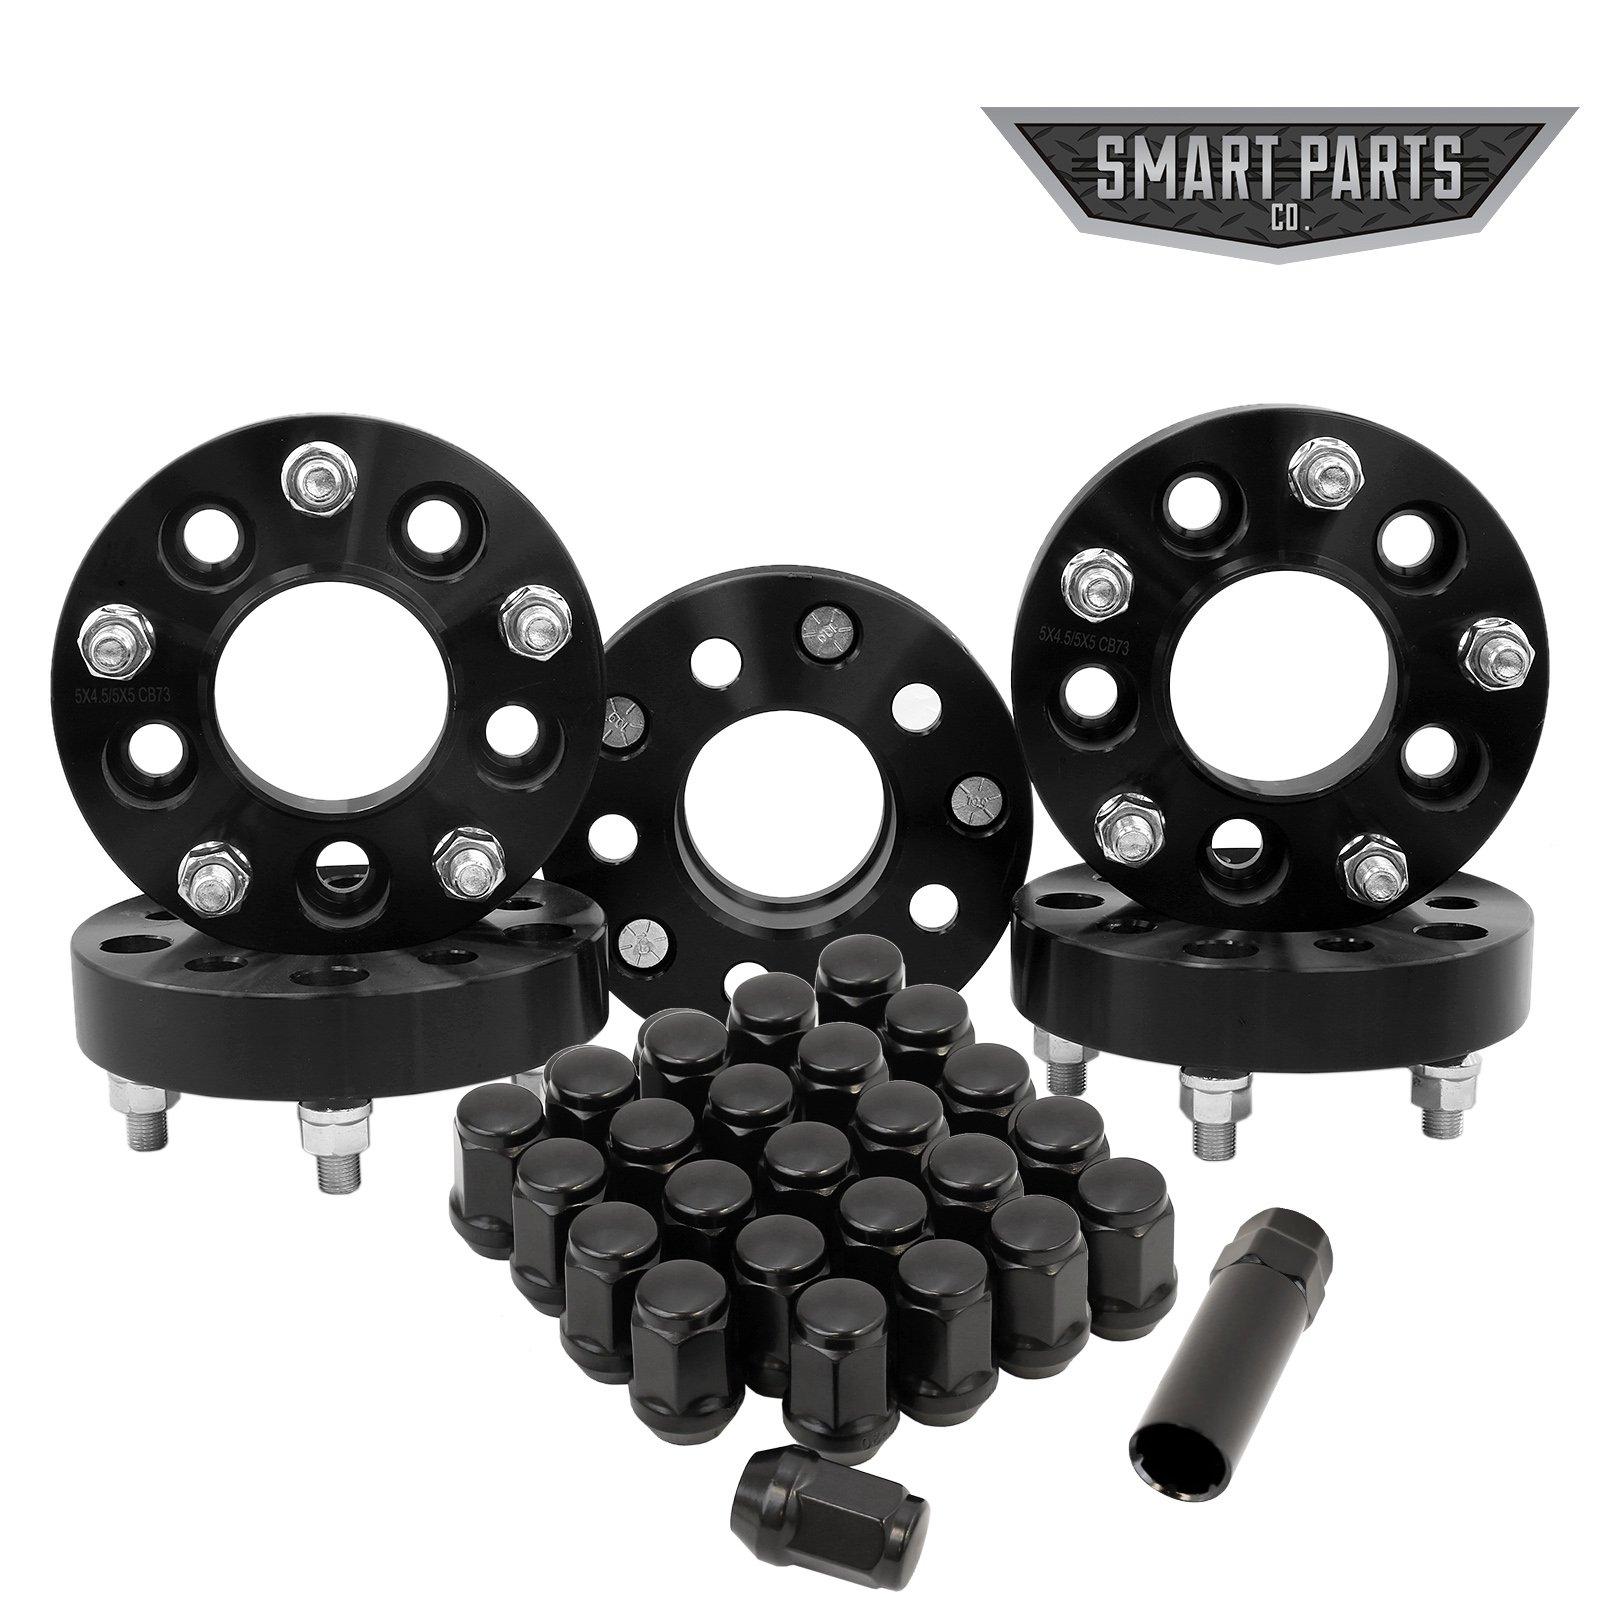 5 Jeep Wheel Adapters 5x4.5 to 5x5 1.25'' (32mm) - Adapts Jk Wheels on Tj Yj Kk Sj Xj Mj (Set of 5) + 25 Chrome Acorn Lug Nuts by Smart Parts (Image #1)